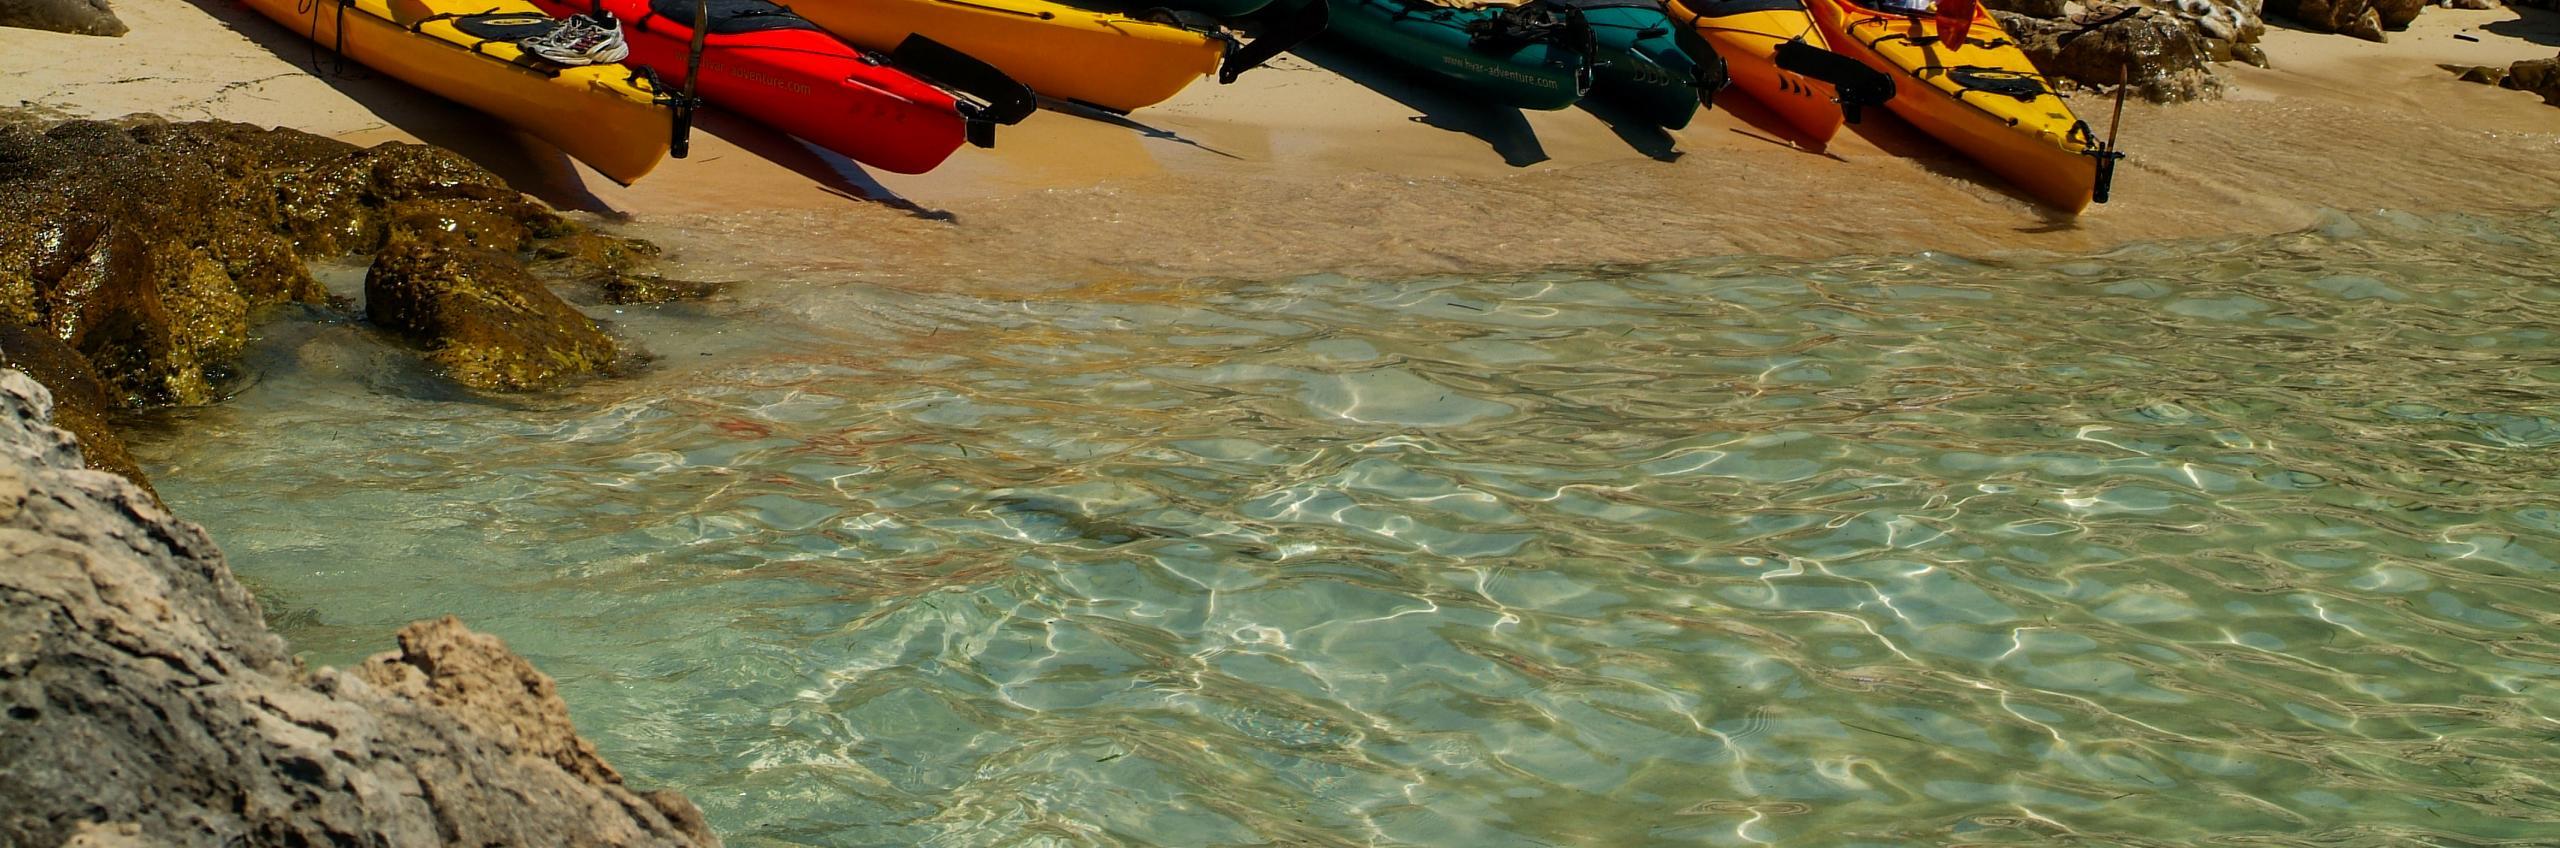 Kayaking through Paklinski islands!